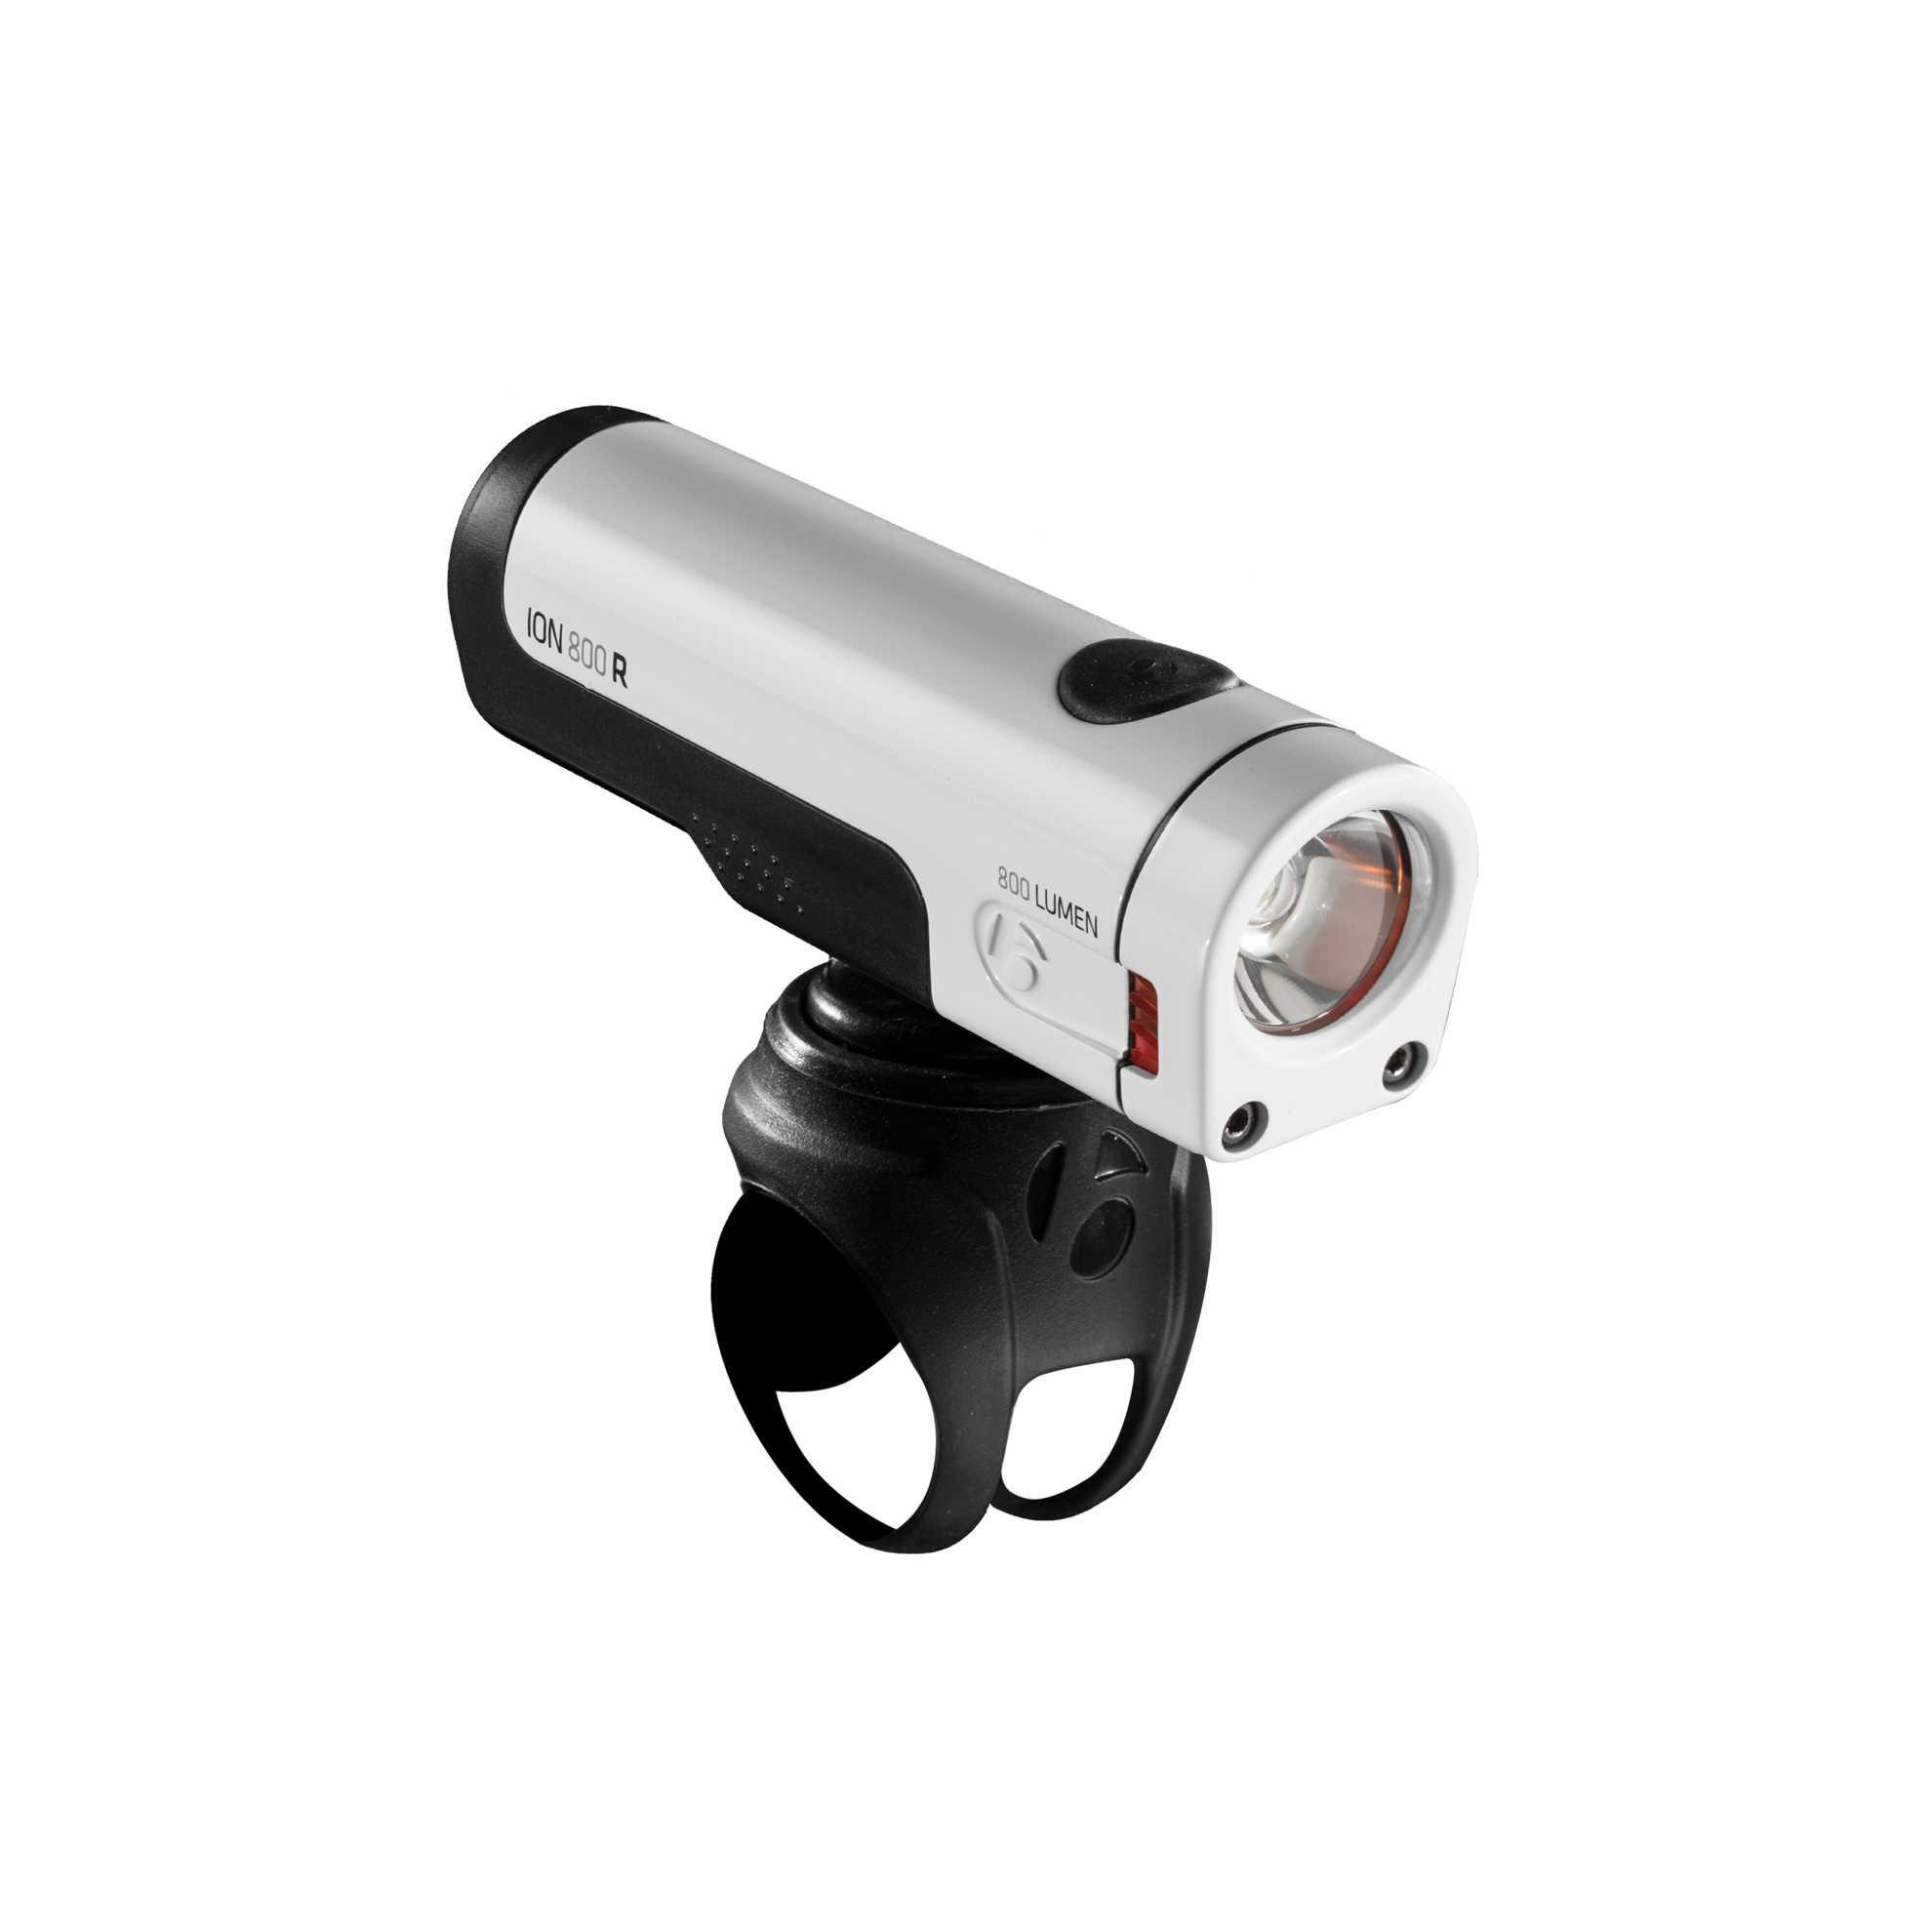 ION 800 R par Bontrager (Accessoires Électroniques, Lumières, Fat bike)ION 800 R par Bontrager (Accessoires Électroniques, Lumières, Fat bike)